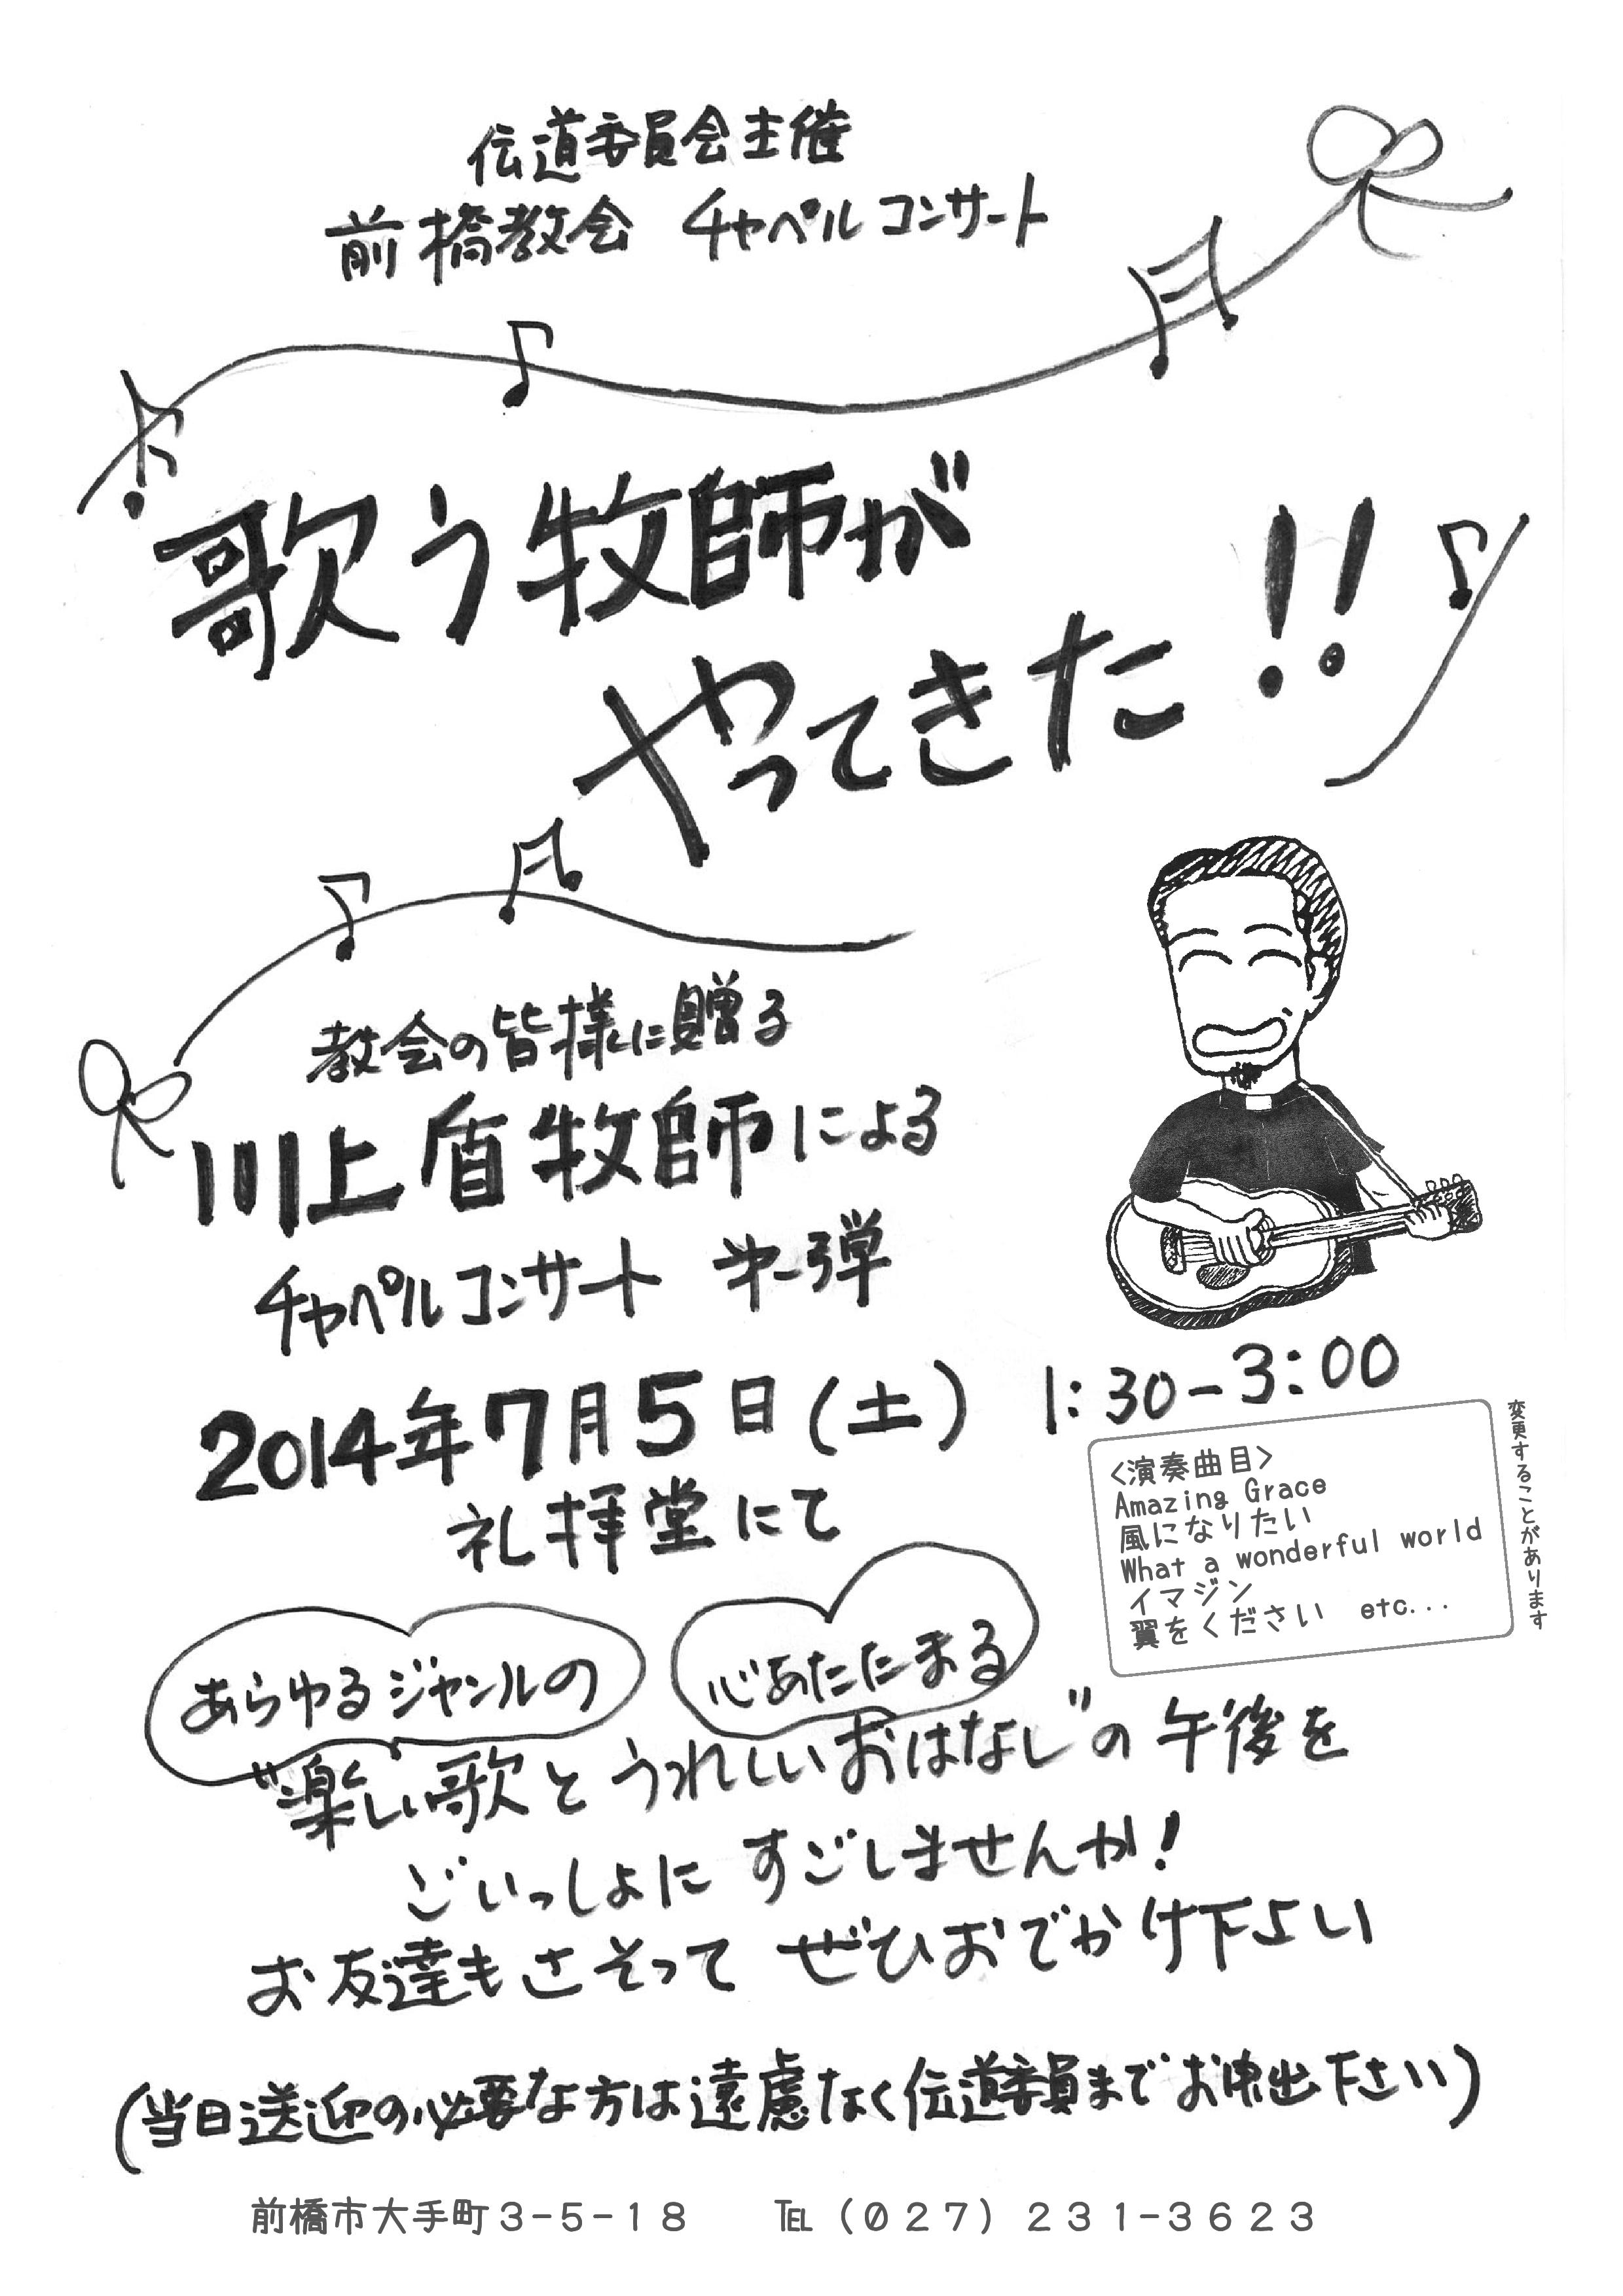 川上盾チャペルコンサート